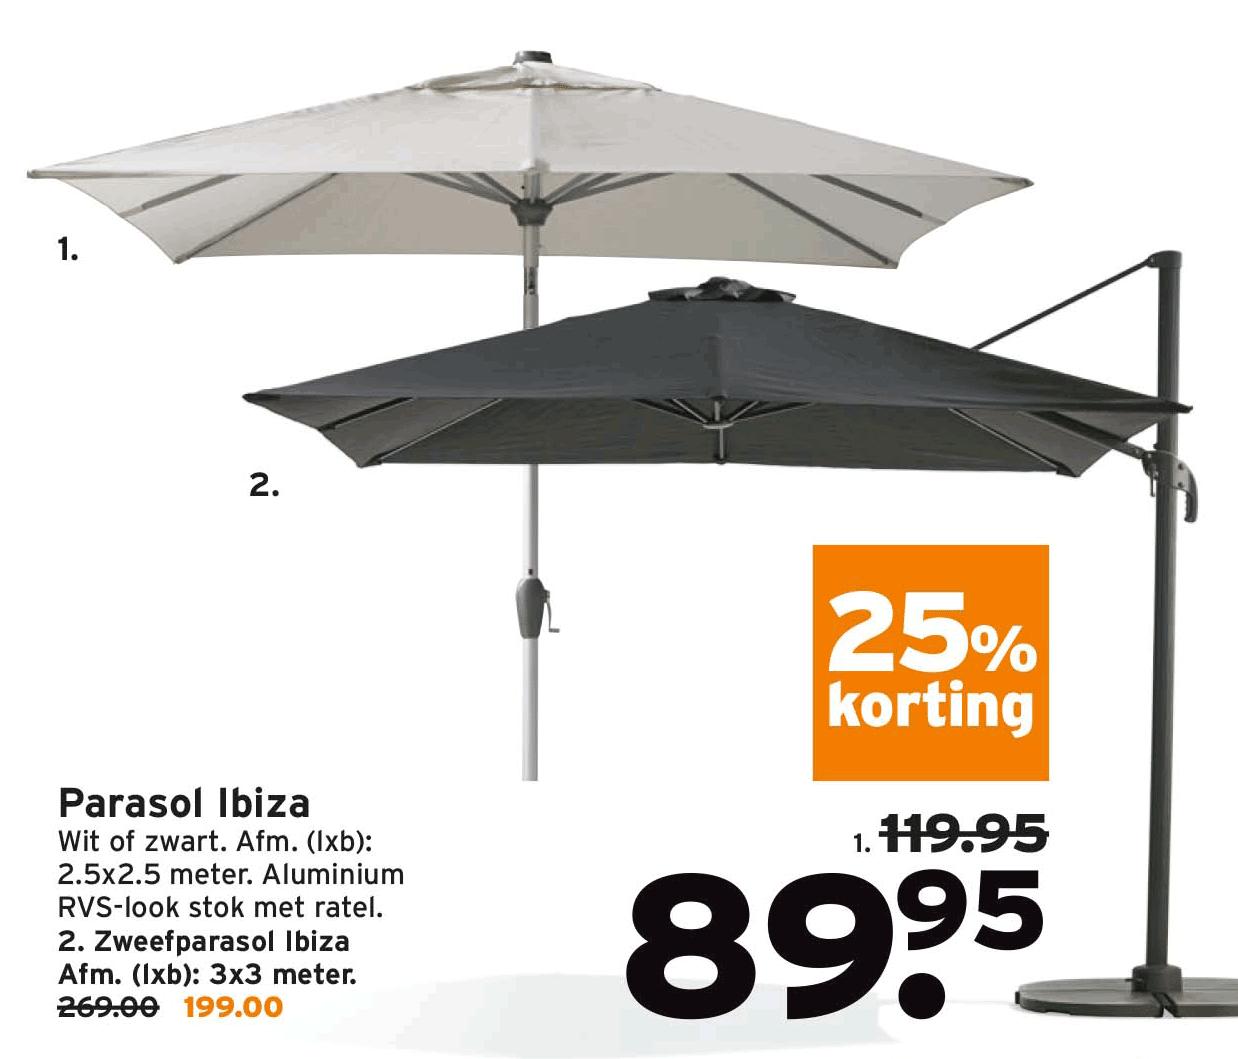 Gamma Parasol Ibiza: 25% Korting